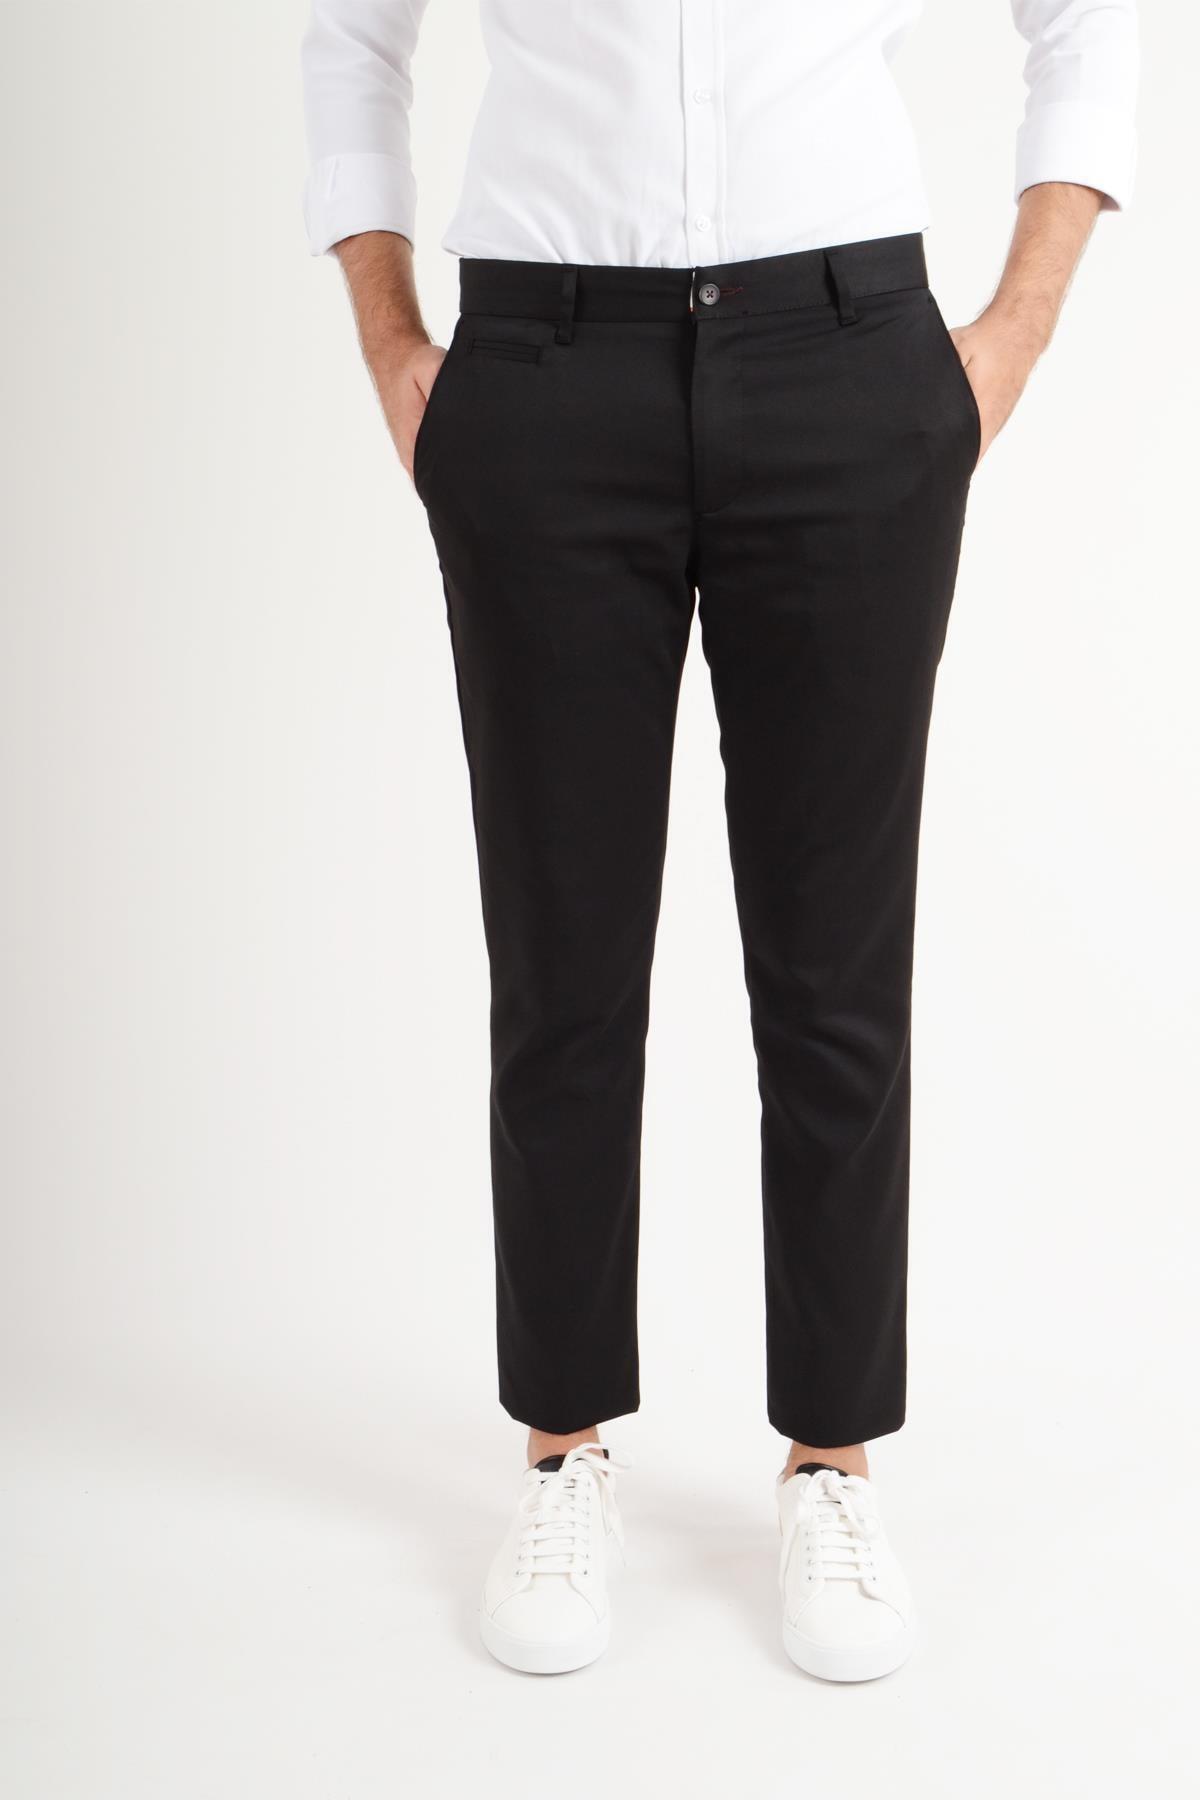 Luppo Club Günlük Kumaş Siyah Erkek Pantolon Salacak 1